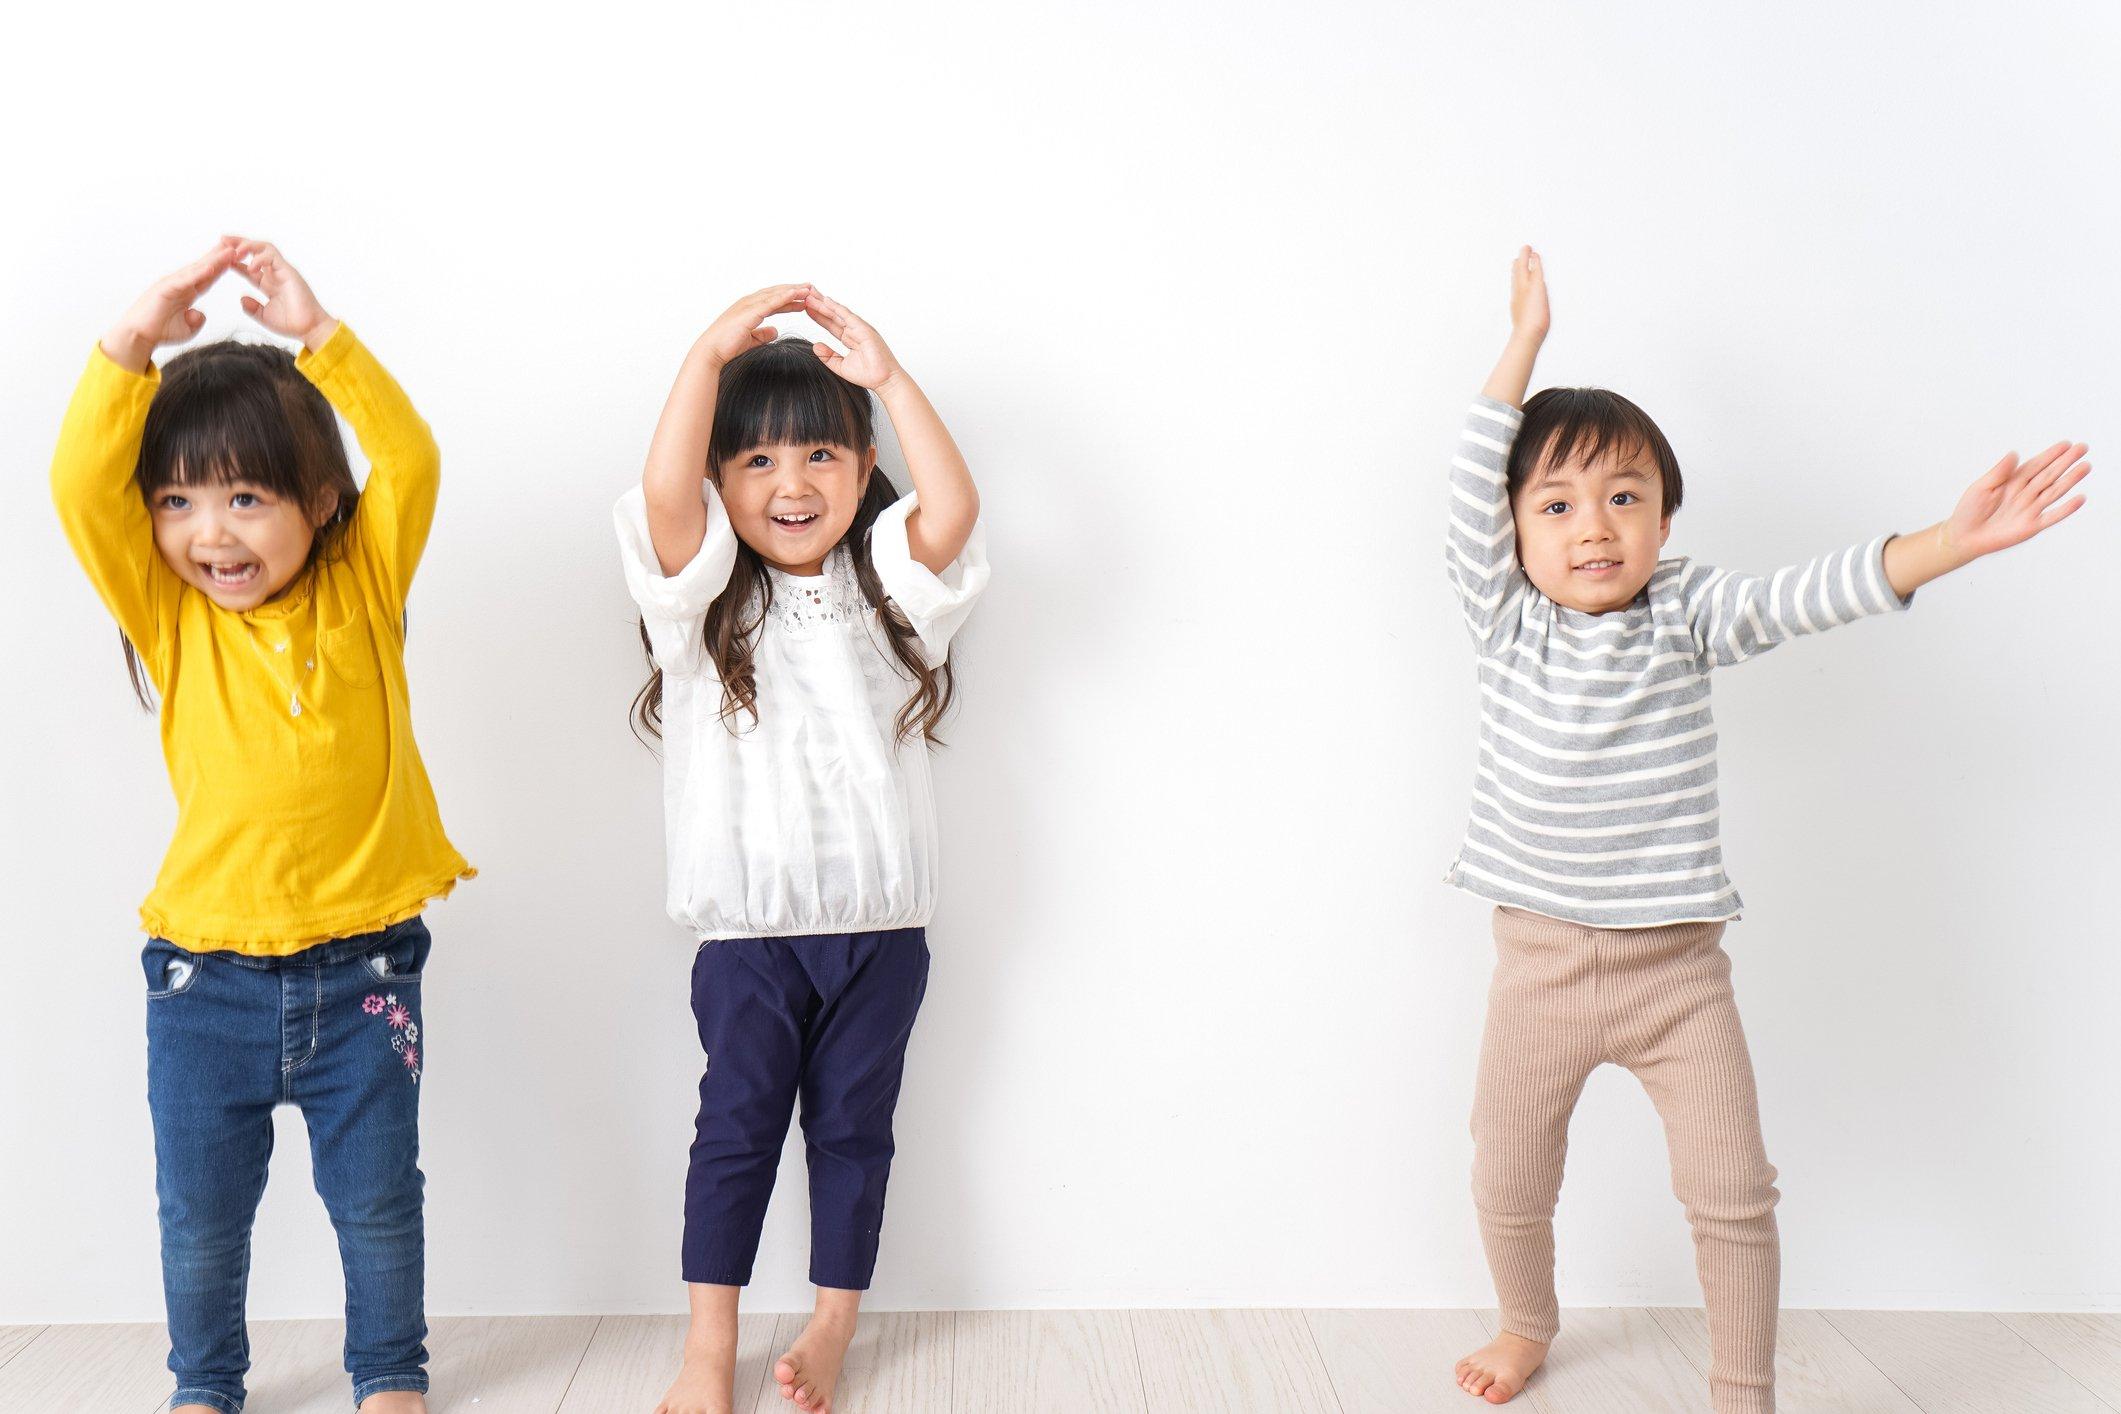 49 Activités Physiques Plaisantes À Faire Avec Des Enfants destiné Jeux Pour Bébé En Ligne 2 Ans